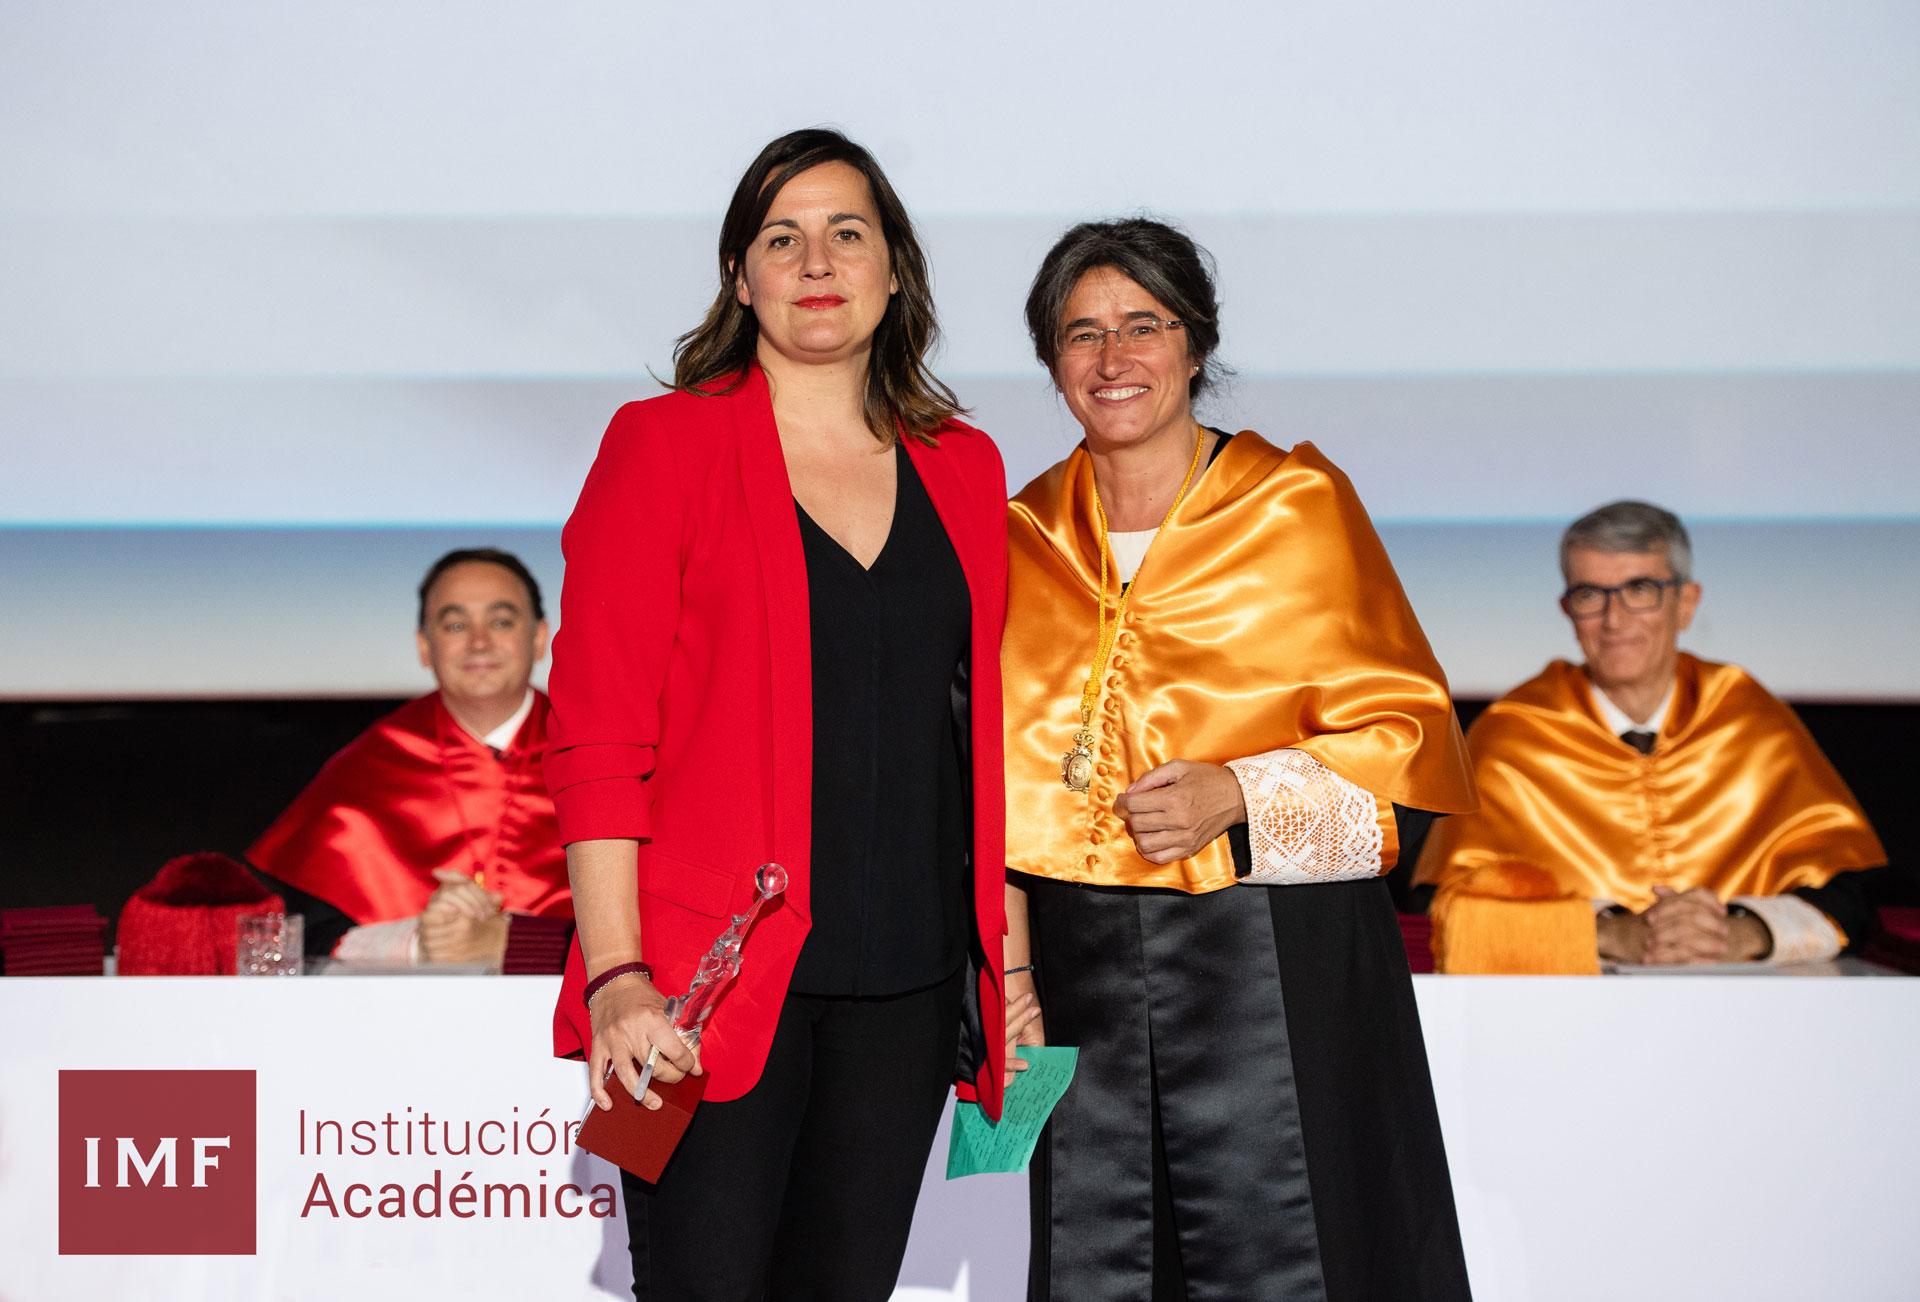 belen-arcones-graduacion-imf-1024x683 IMF Institución Académica celebra una Graduación con guiño a la diversidad #IMFparatodos